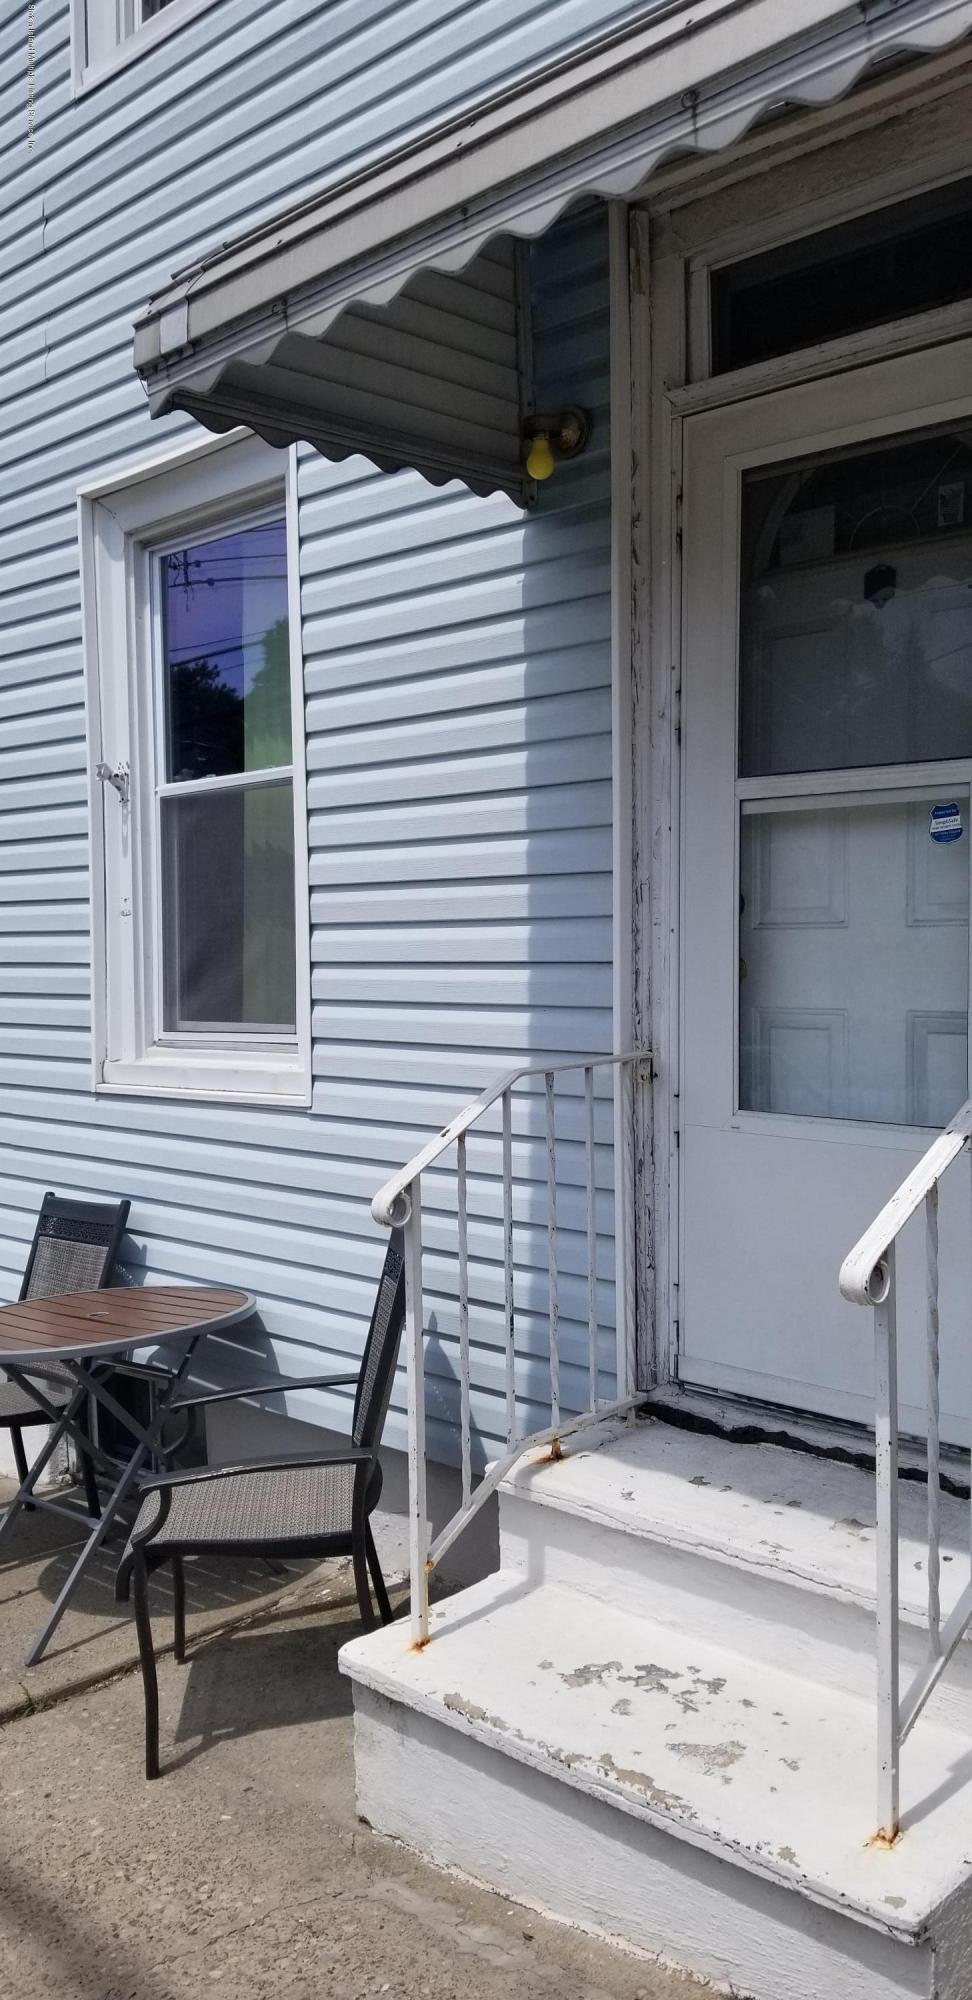 Single Family - Detached 233 Saint Marys Avenue  Staten Island, NY 10305, MLS-1130563-2